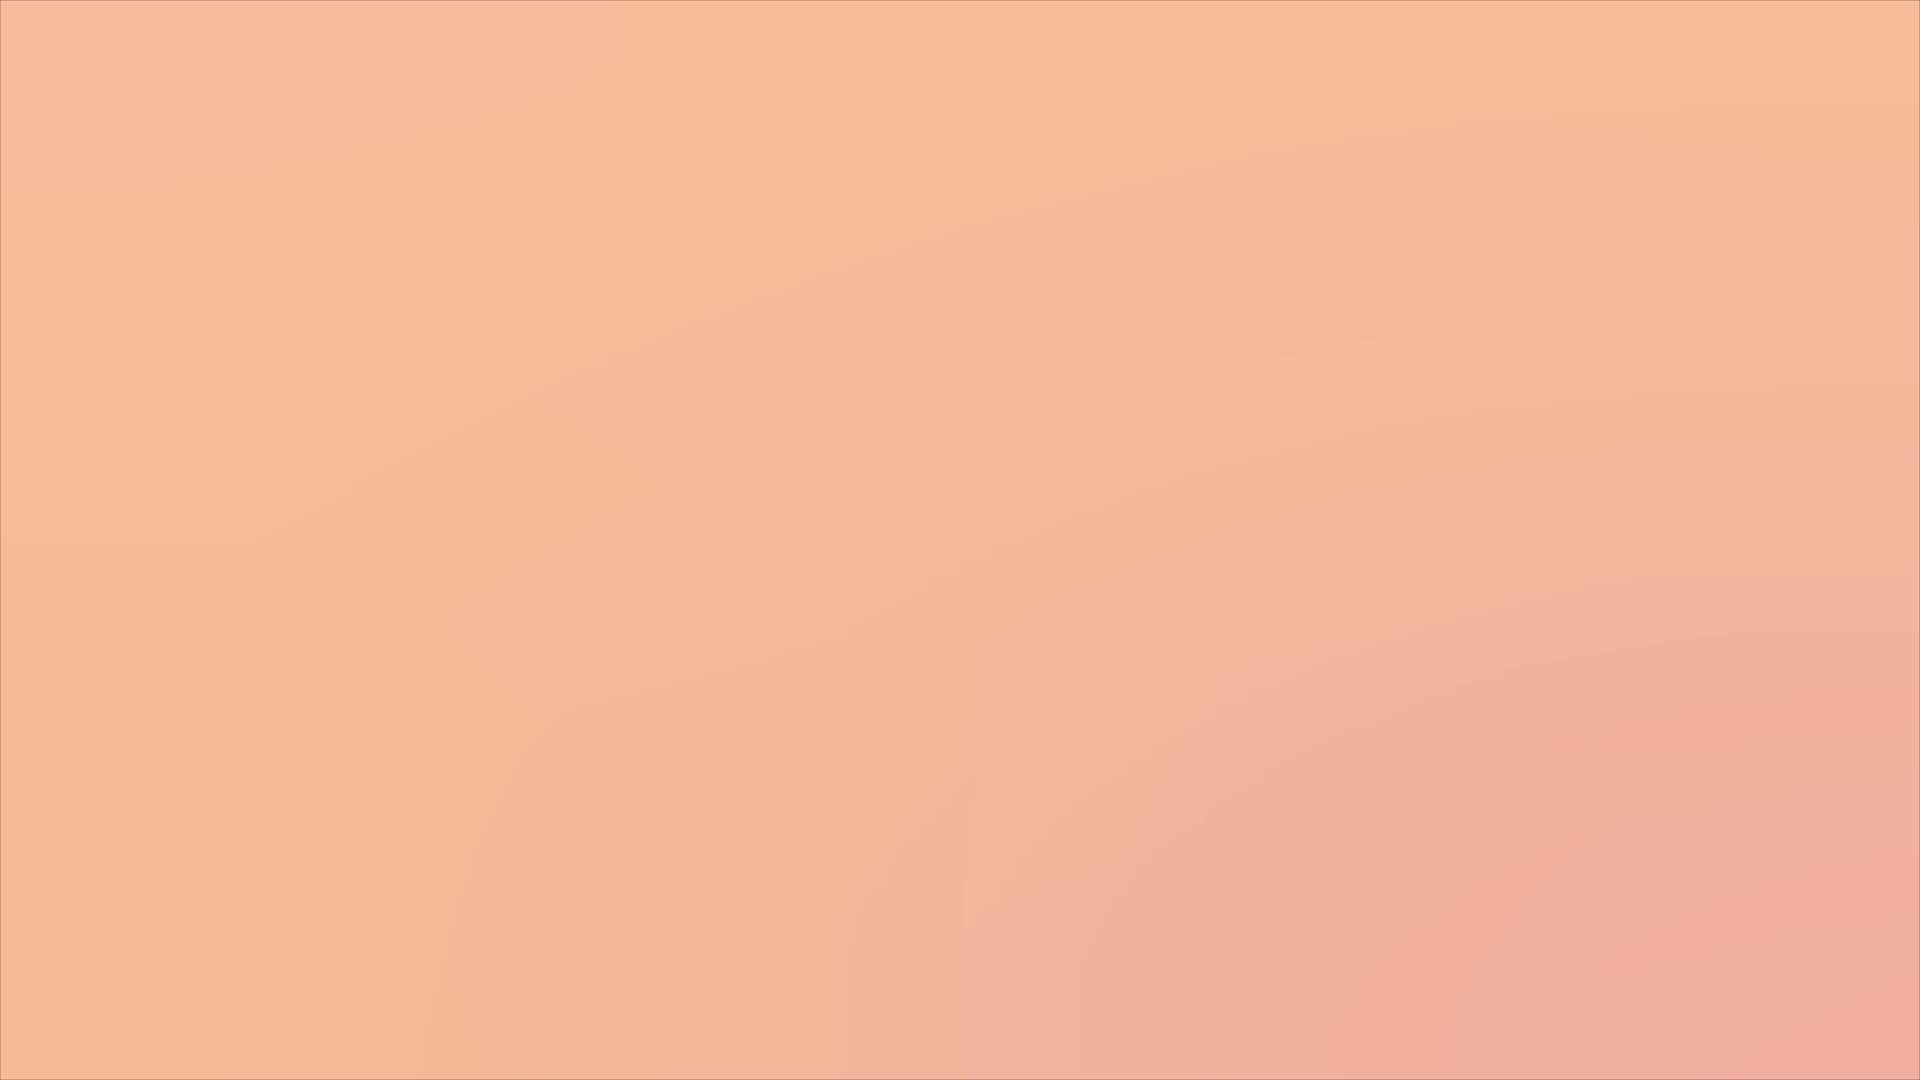 Plateau de fard à joues d'étiquette de logo privé fait sur commande de palette de fard à joues résistante à l'eau d'imagic facile à appliquer poudre pressée de fard à joues